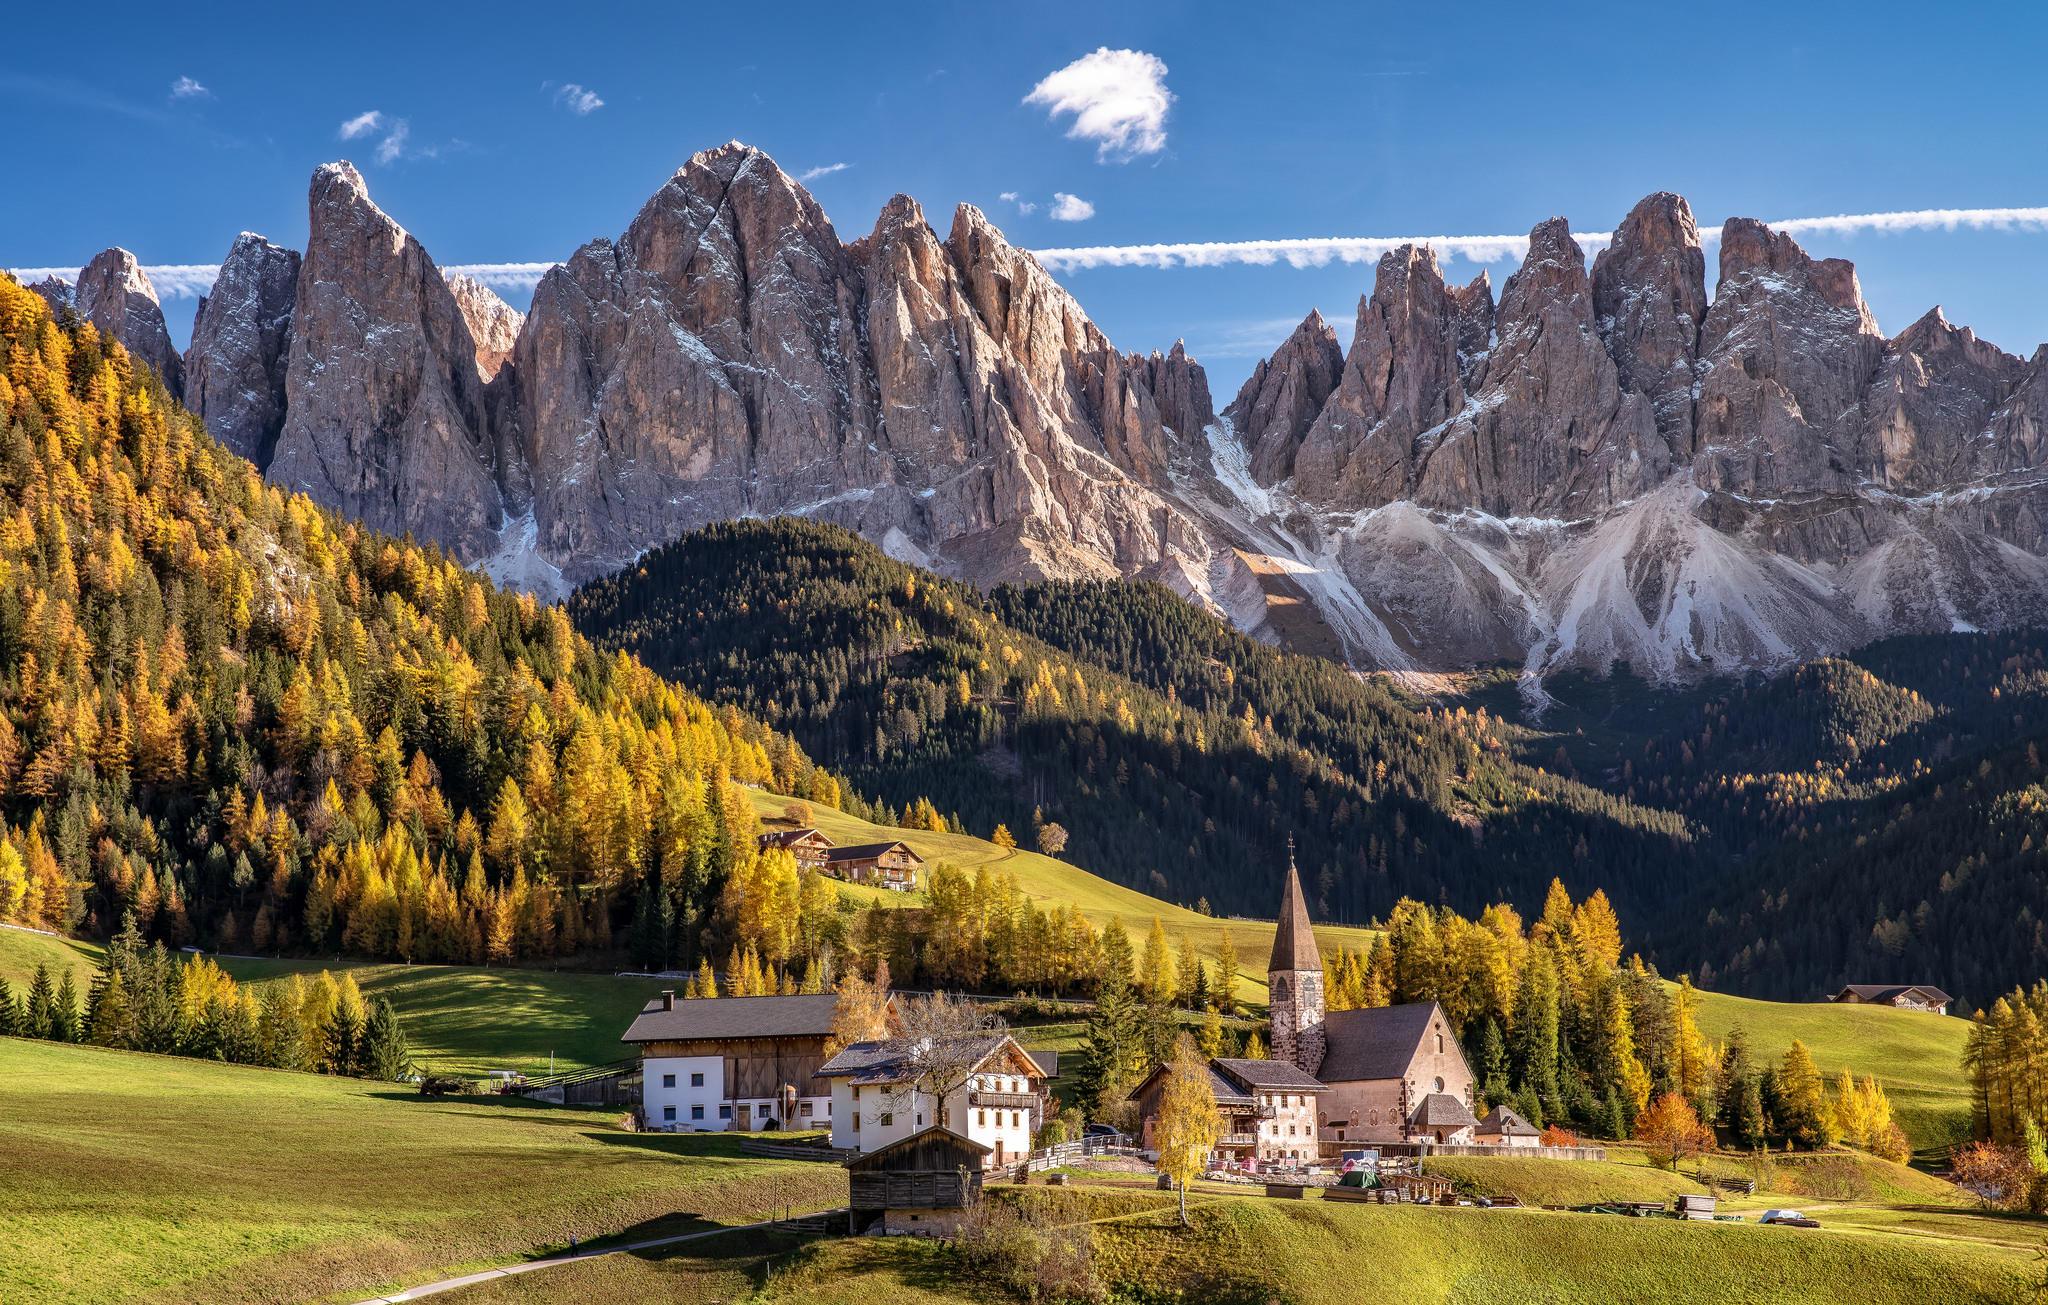 обои Доломитовые Альпы, горы, поля, дома картинки фото